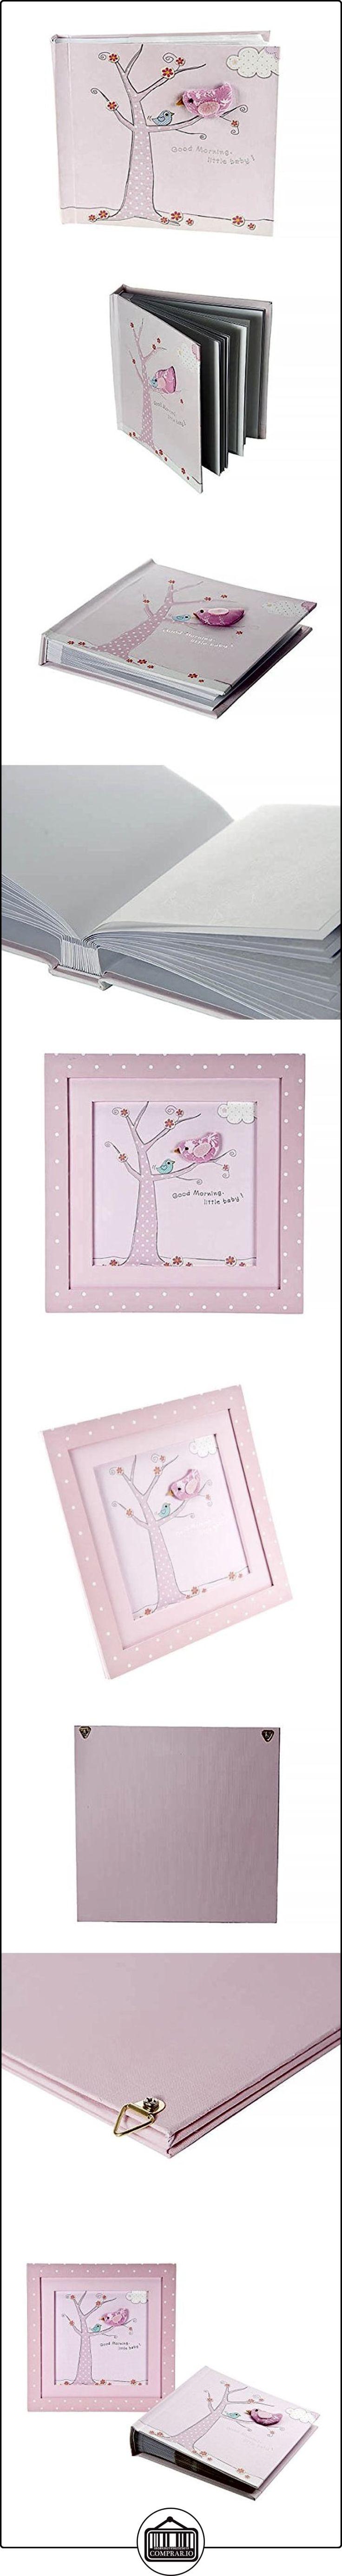 Set de regalo con imagen enmarcada con diseño de pajarito y álbum de fotos a juego para niñas recién nacidas  ✿ Regalos para recién nacidos - Bebes ✿